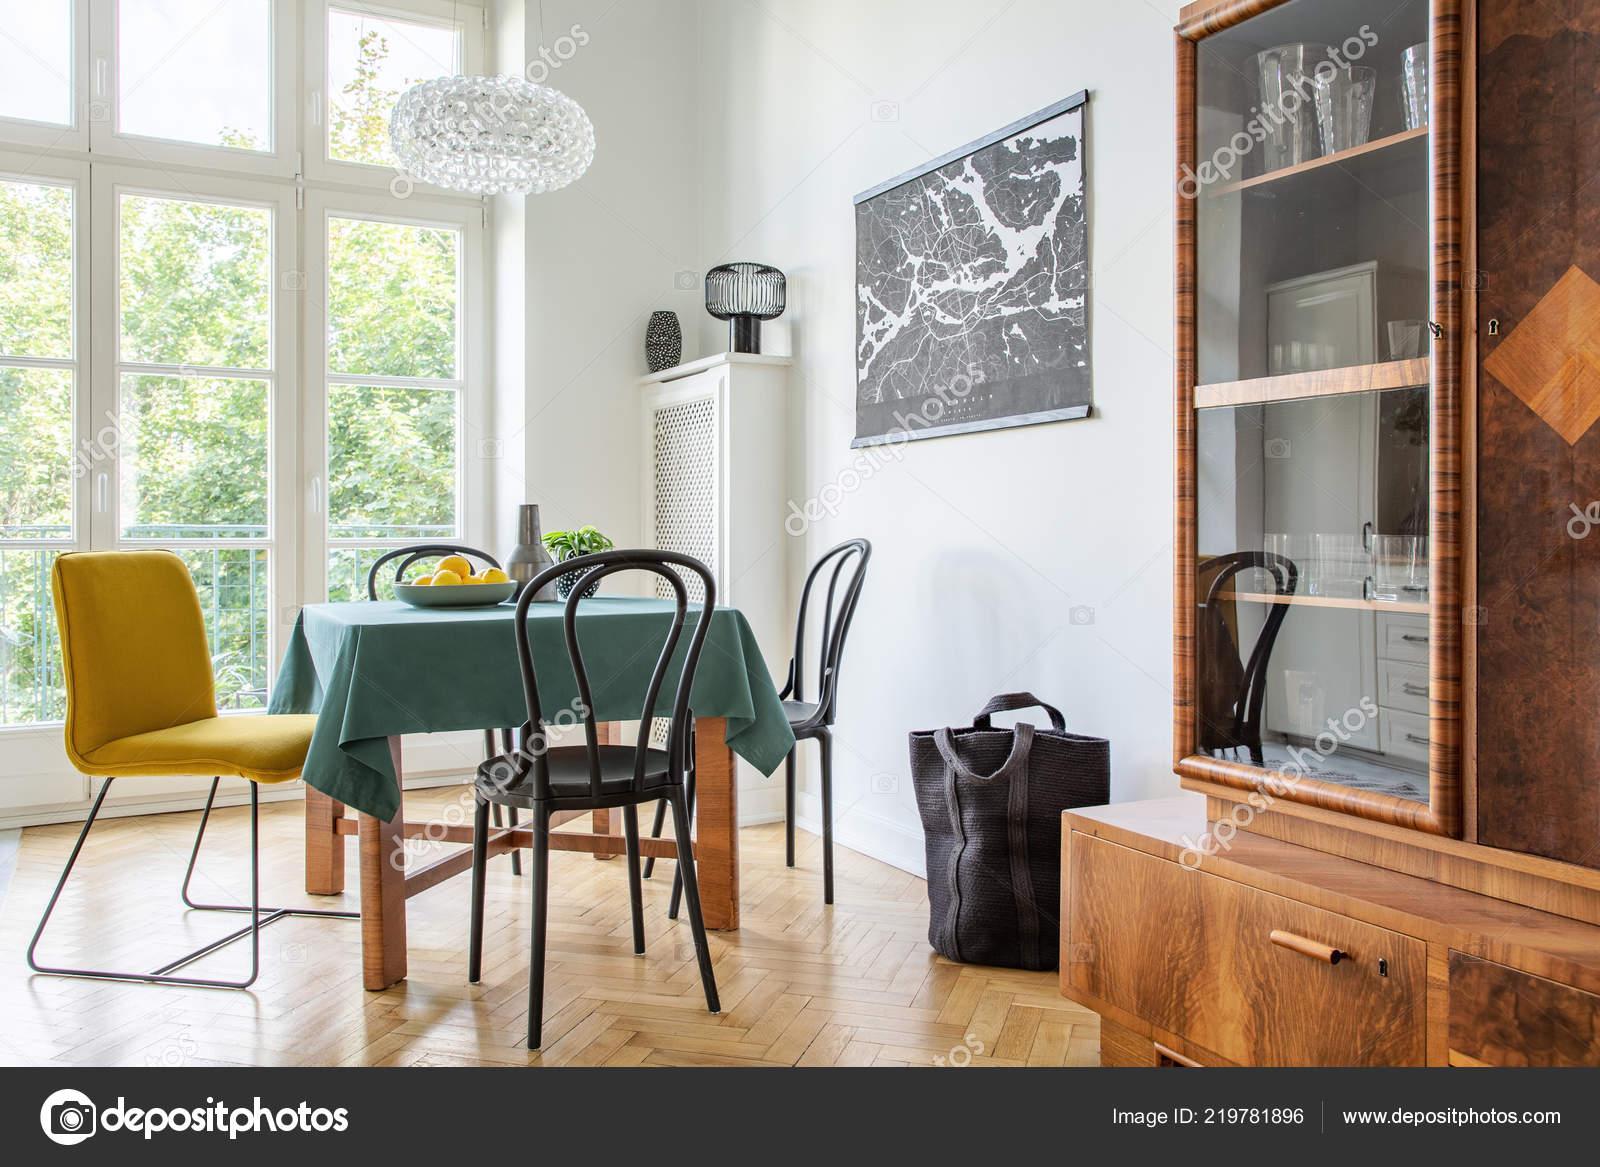 Credenza Per Sala Pranzo : Interiore retrò sala pranzo con tavolo sedie credenza caseggiato